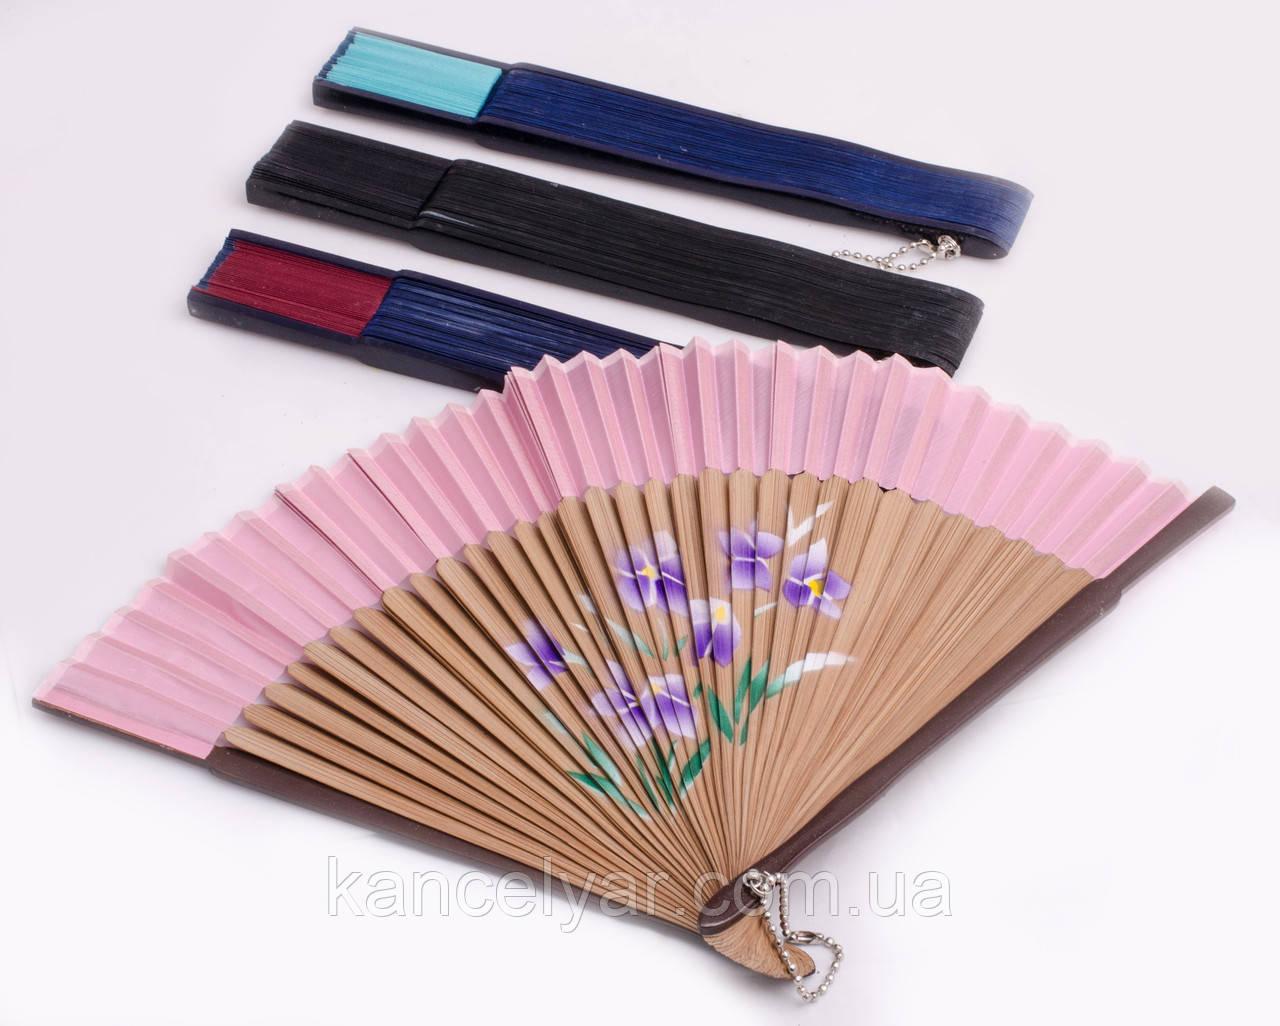 Веер бамбуковый тонкий, в ассортименте